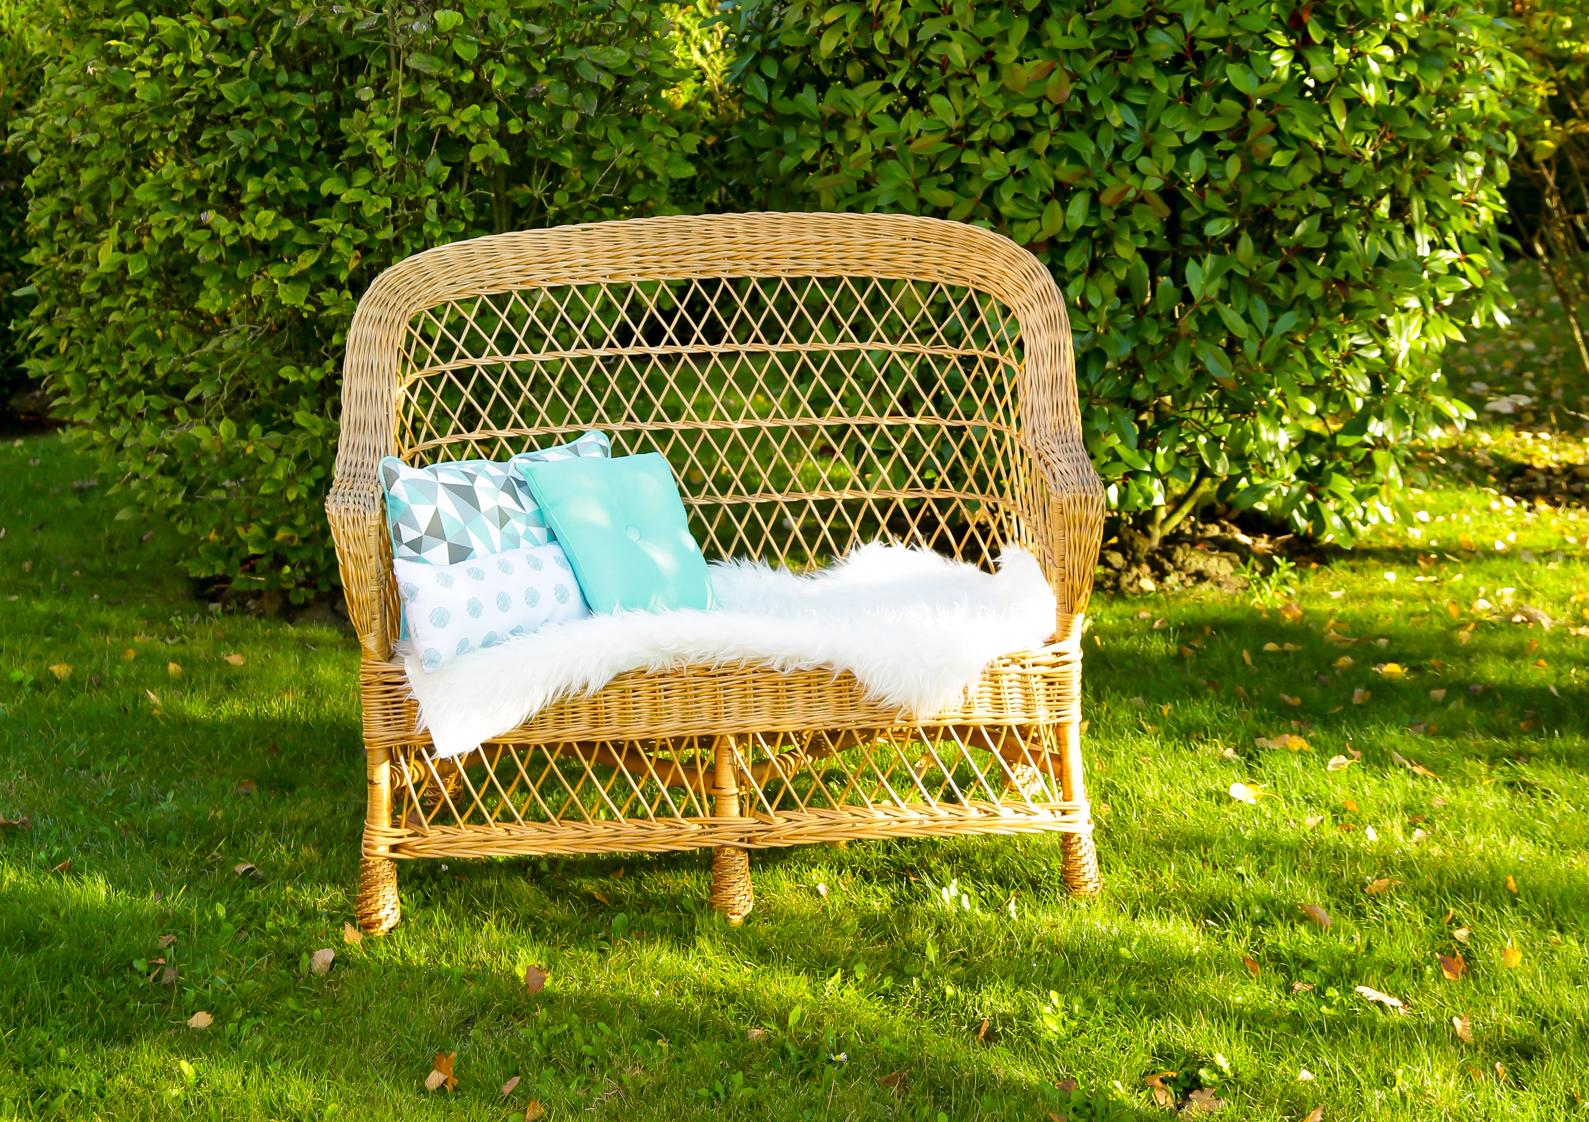 banquette en osier mariage vintage. Black Bedroom Furniture Sets. Home Design Ideas